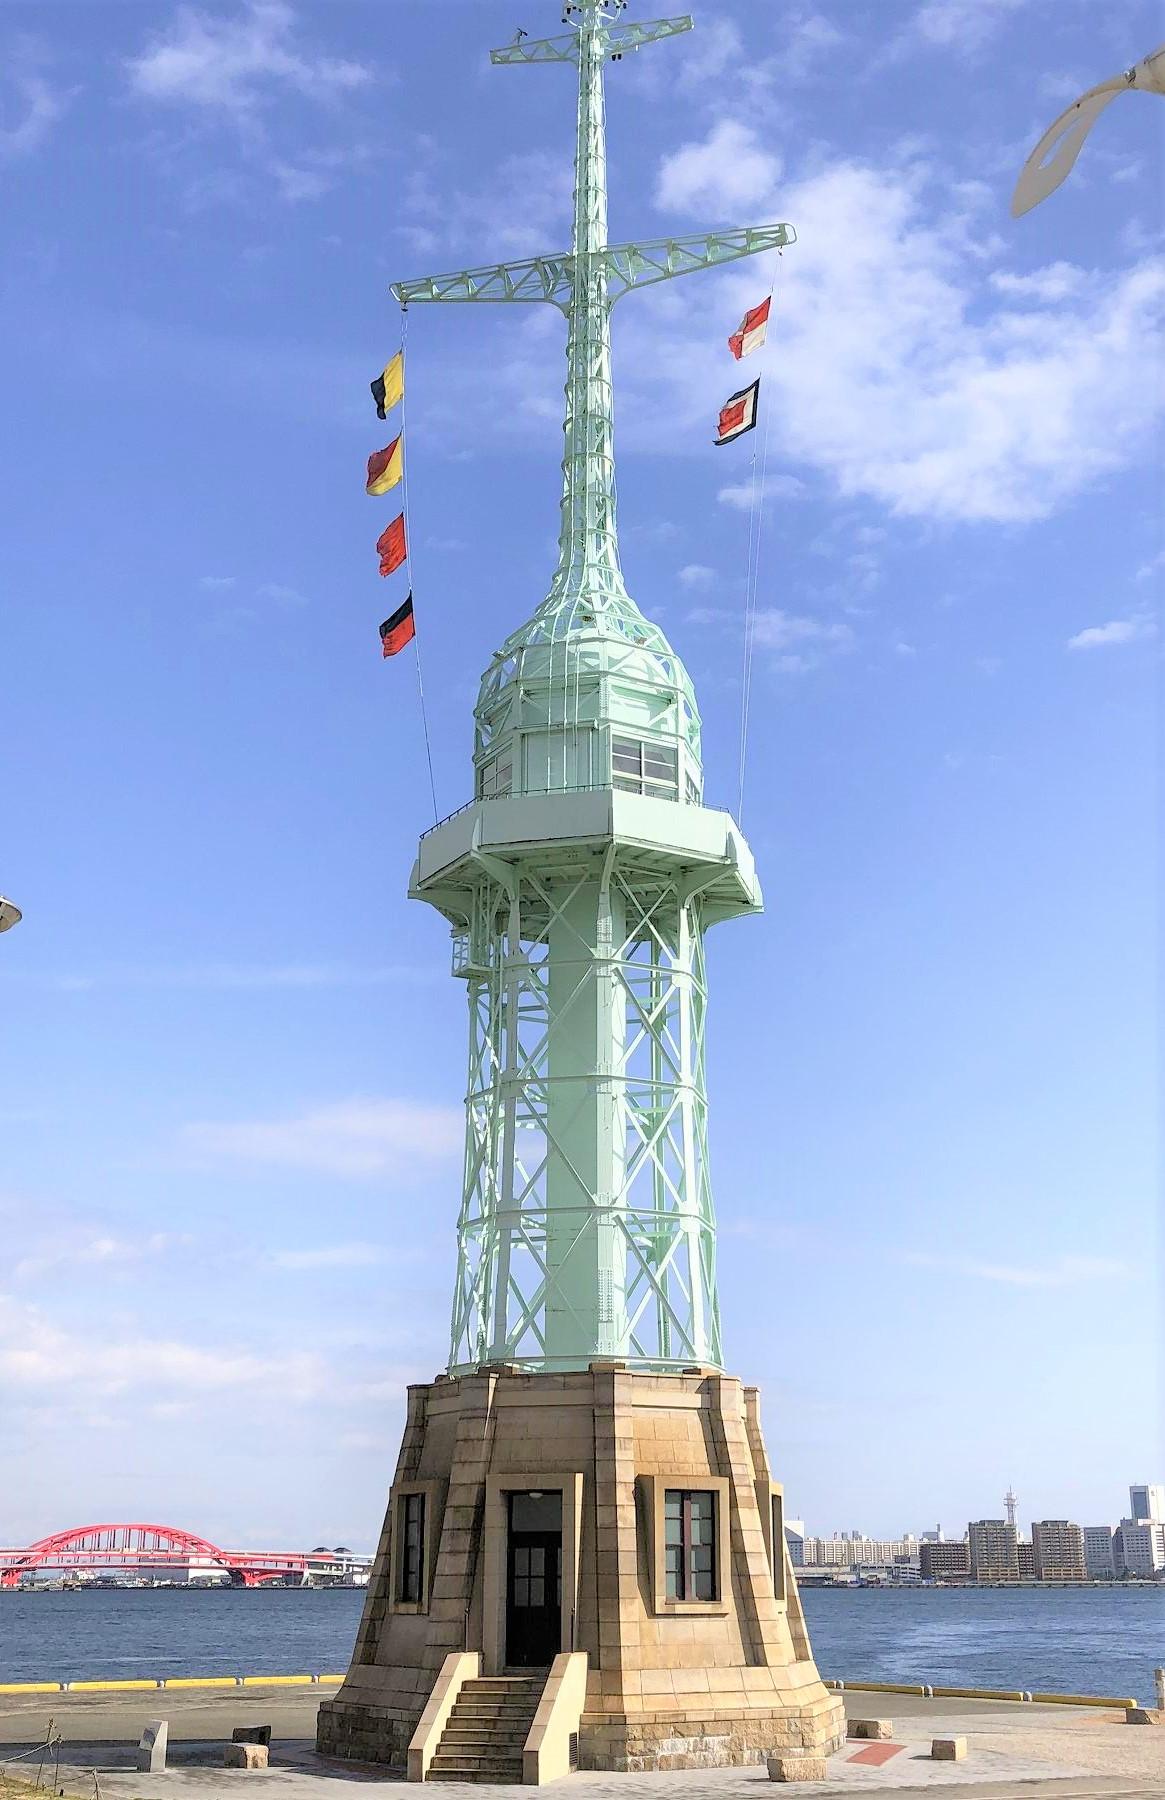 神戸ハーバーランドにある「旧神戸港信号所」と旗の意味をご紹介! #神戸ハーバーランド #旧神戸港信号所 #神戸港 #国際信号旗 #神戸観光 #近代建築